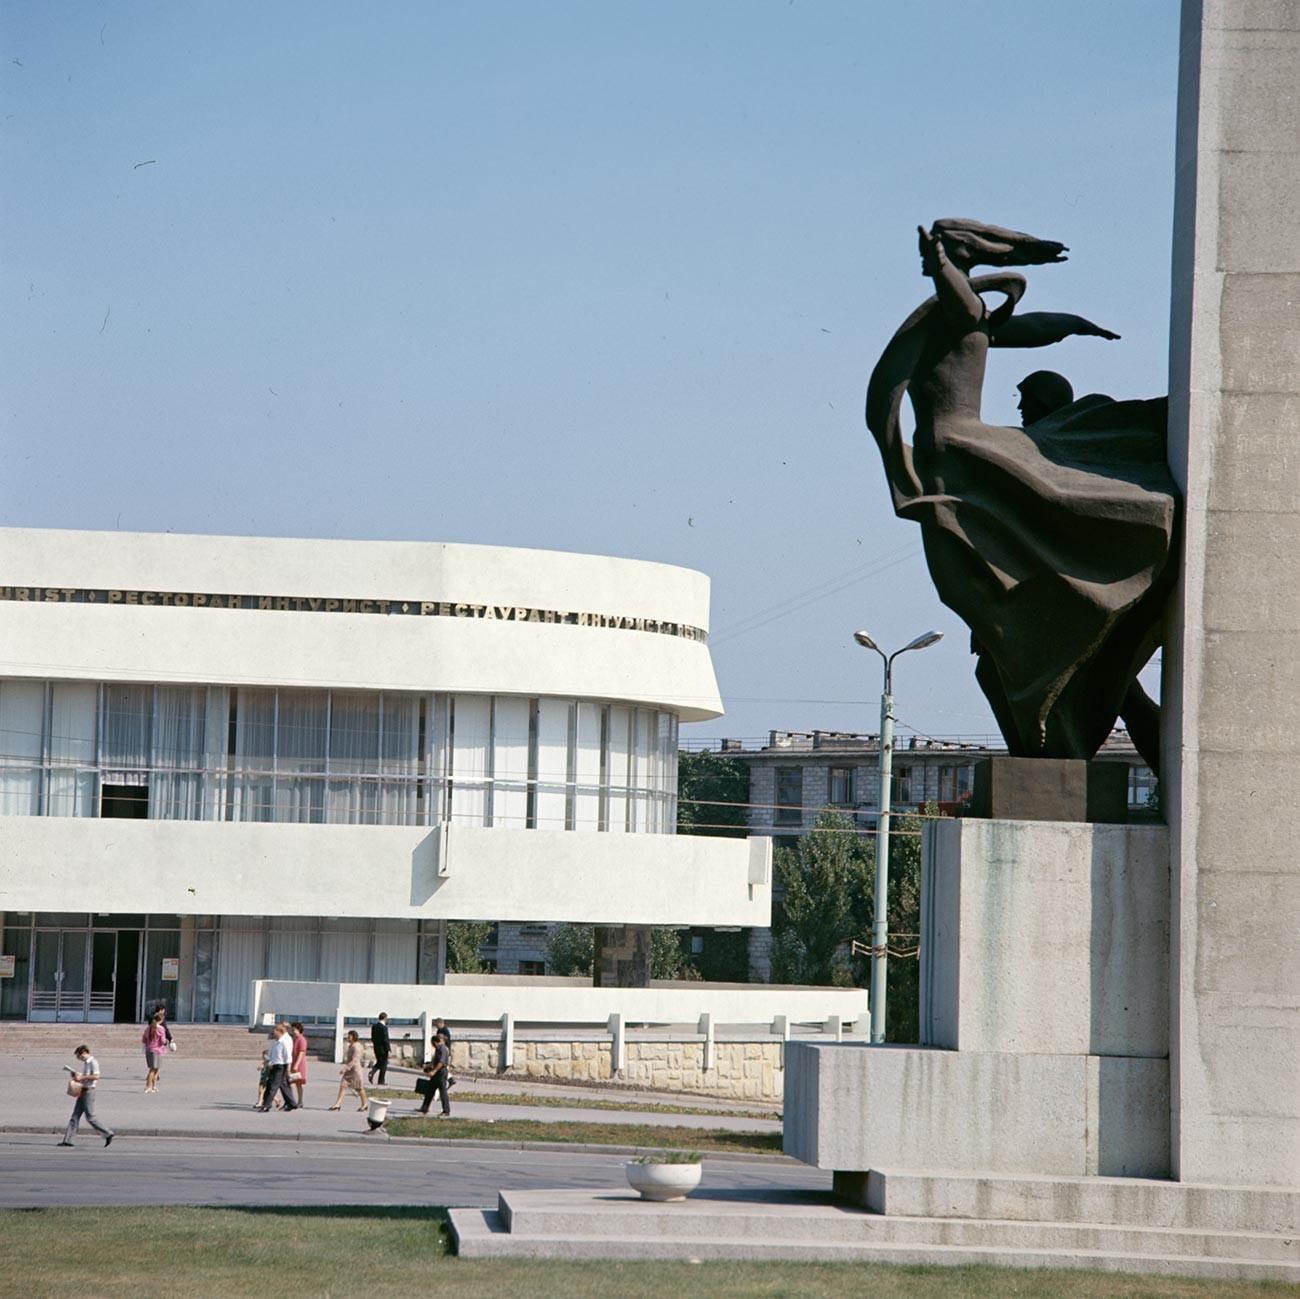 Monumento aos libertadores de Quichinau das mãos de forças nazistas, 1974